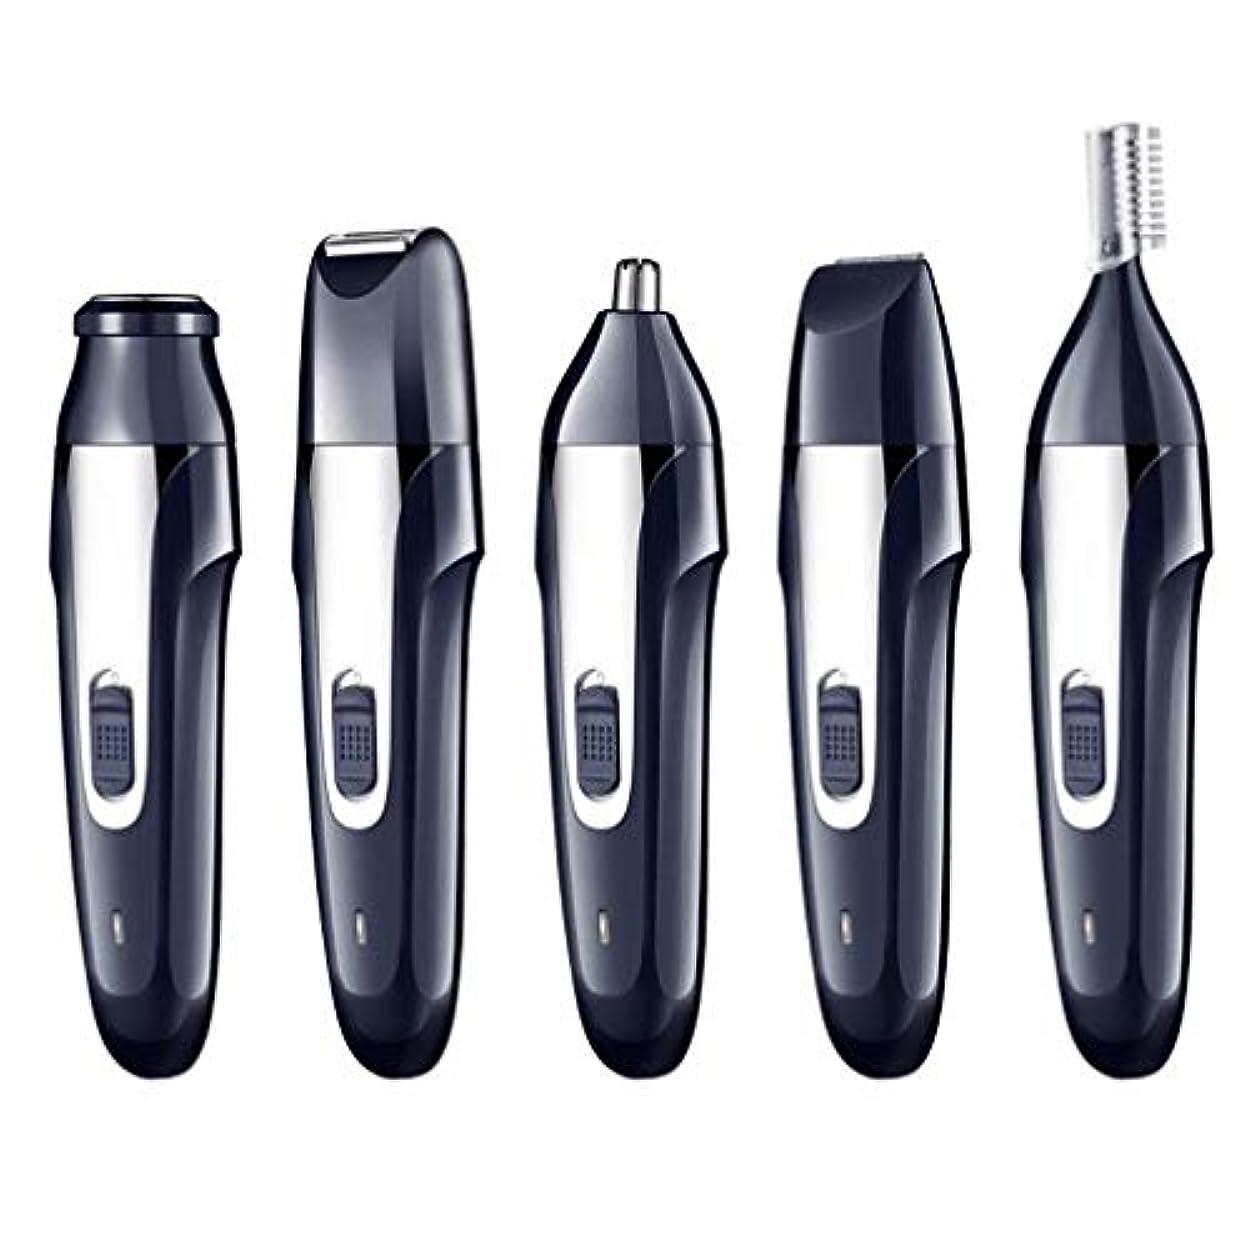 プロトタイプリサイクルする差し引く鼻毛トリマー - 電動脱毛器具、USB充電器、リップヘア、眉毛形削りナイフ、5つ1つ、ポータブル、ユニセックス (Color : 1)